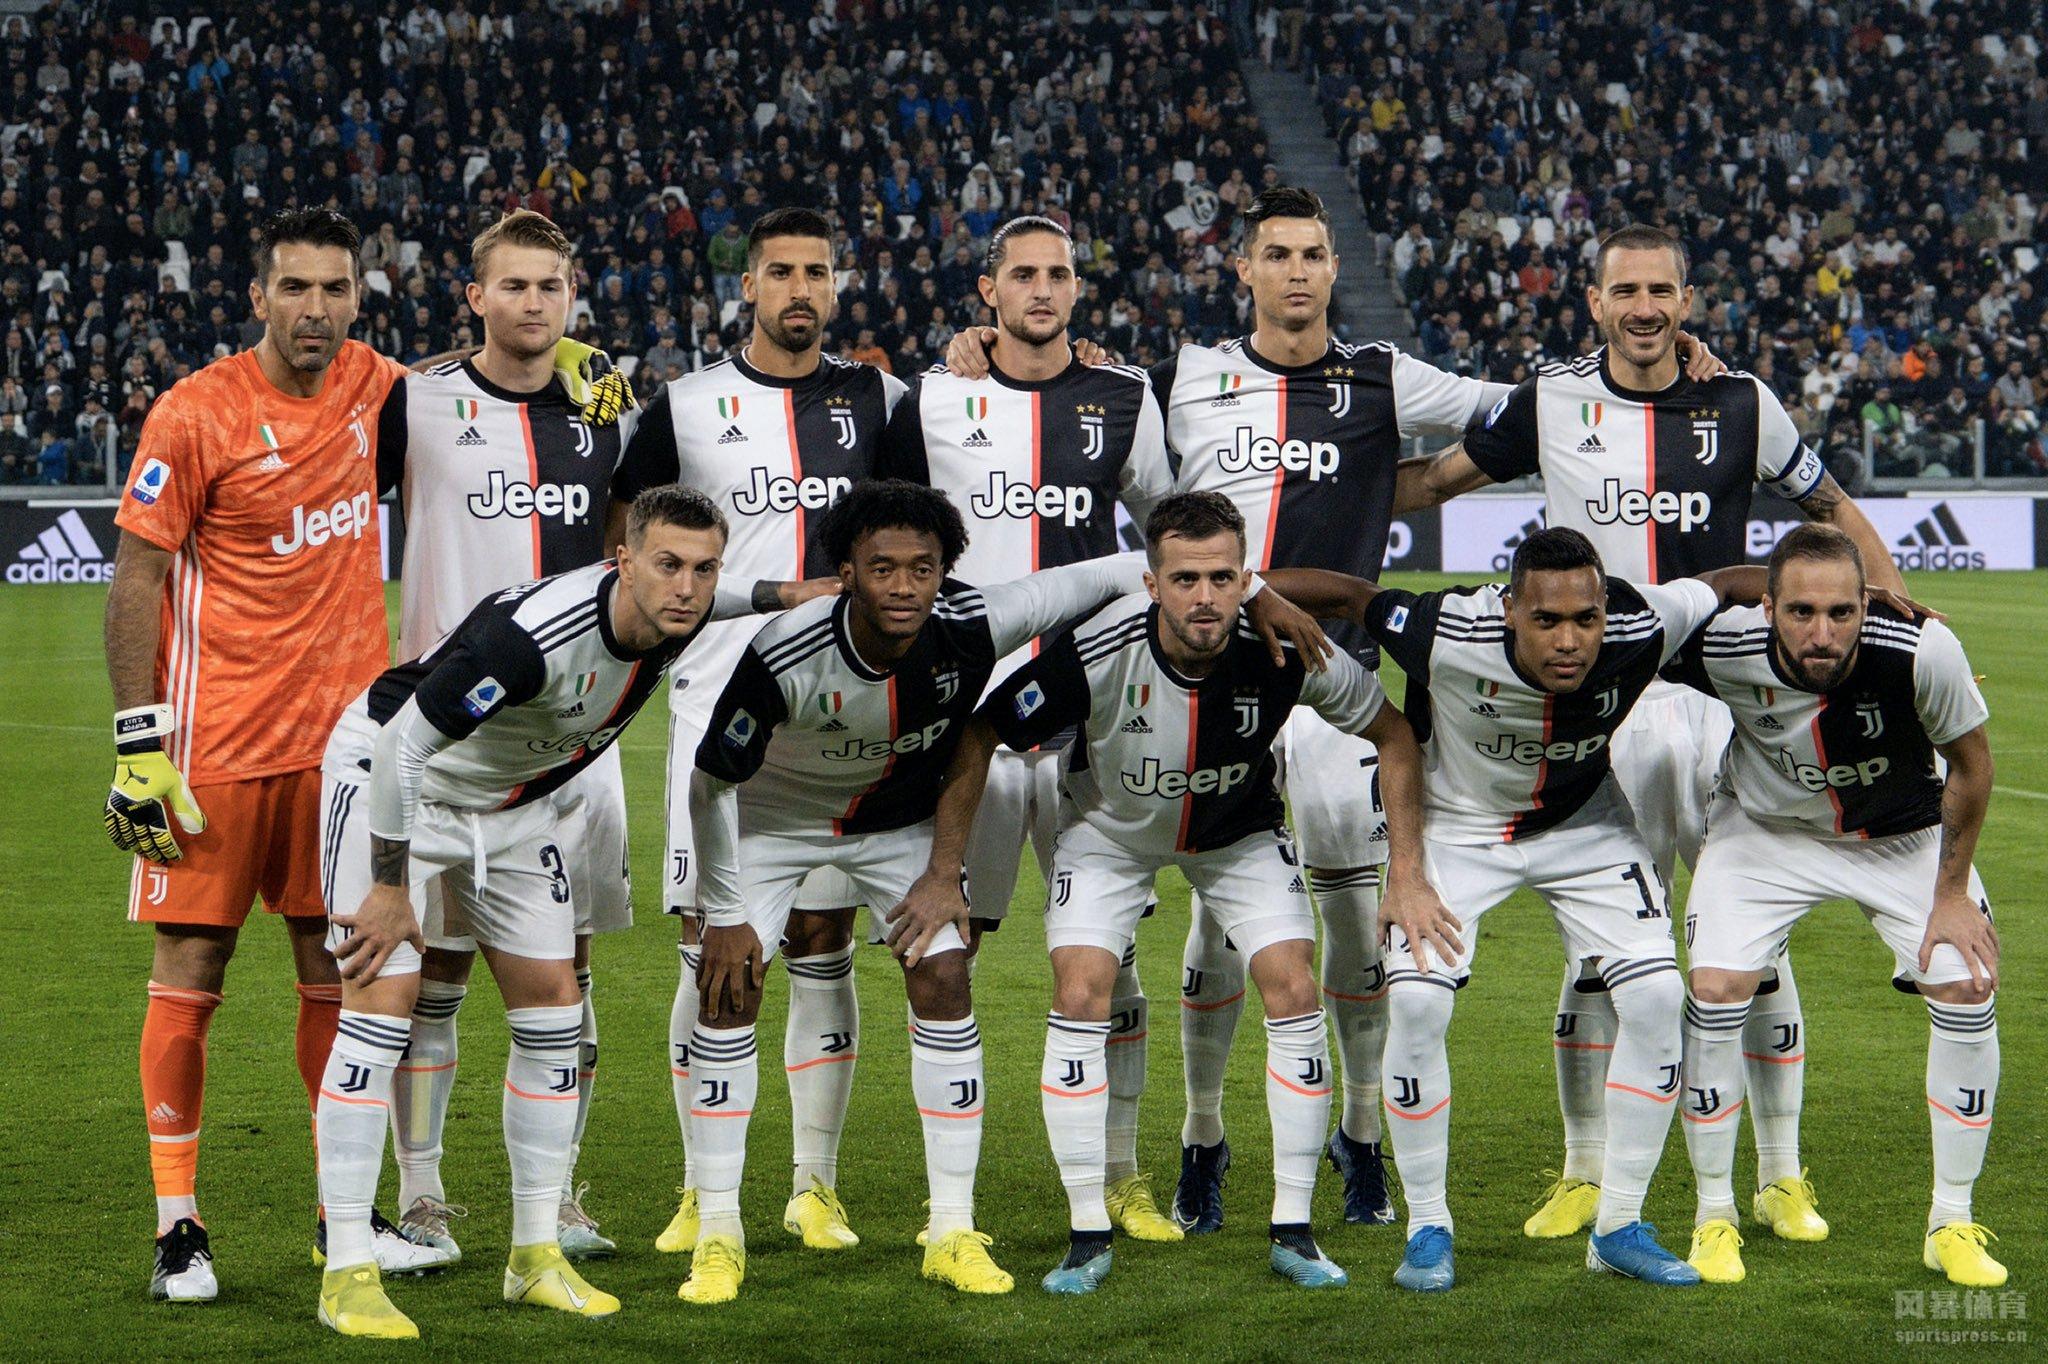 意甲第8轮 C罗皮亚尼奇破门 尤文2-1博洛尼亚